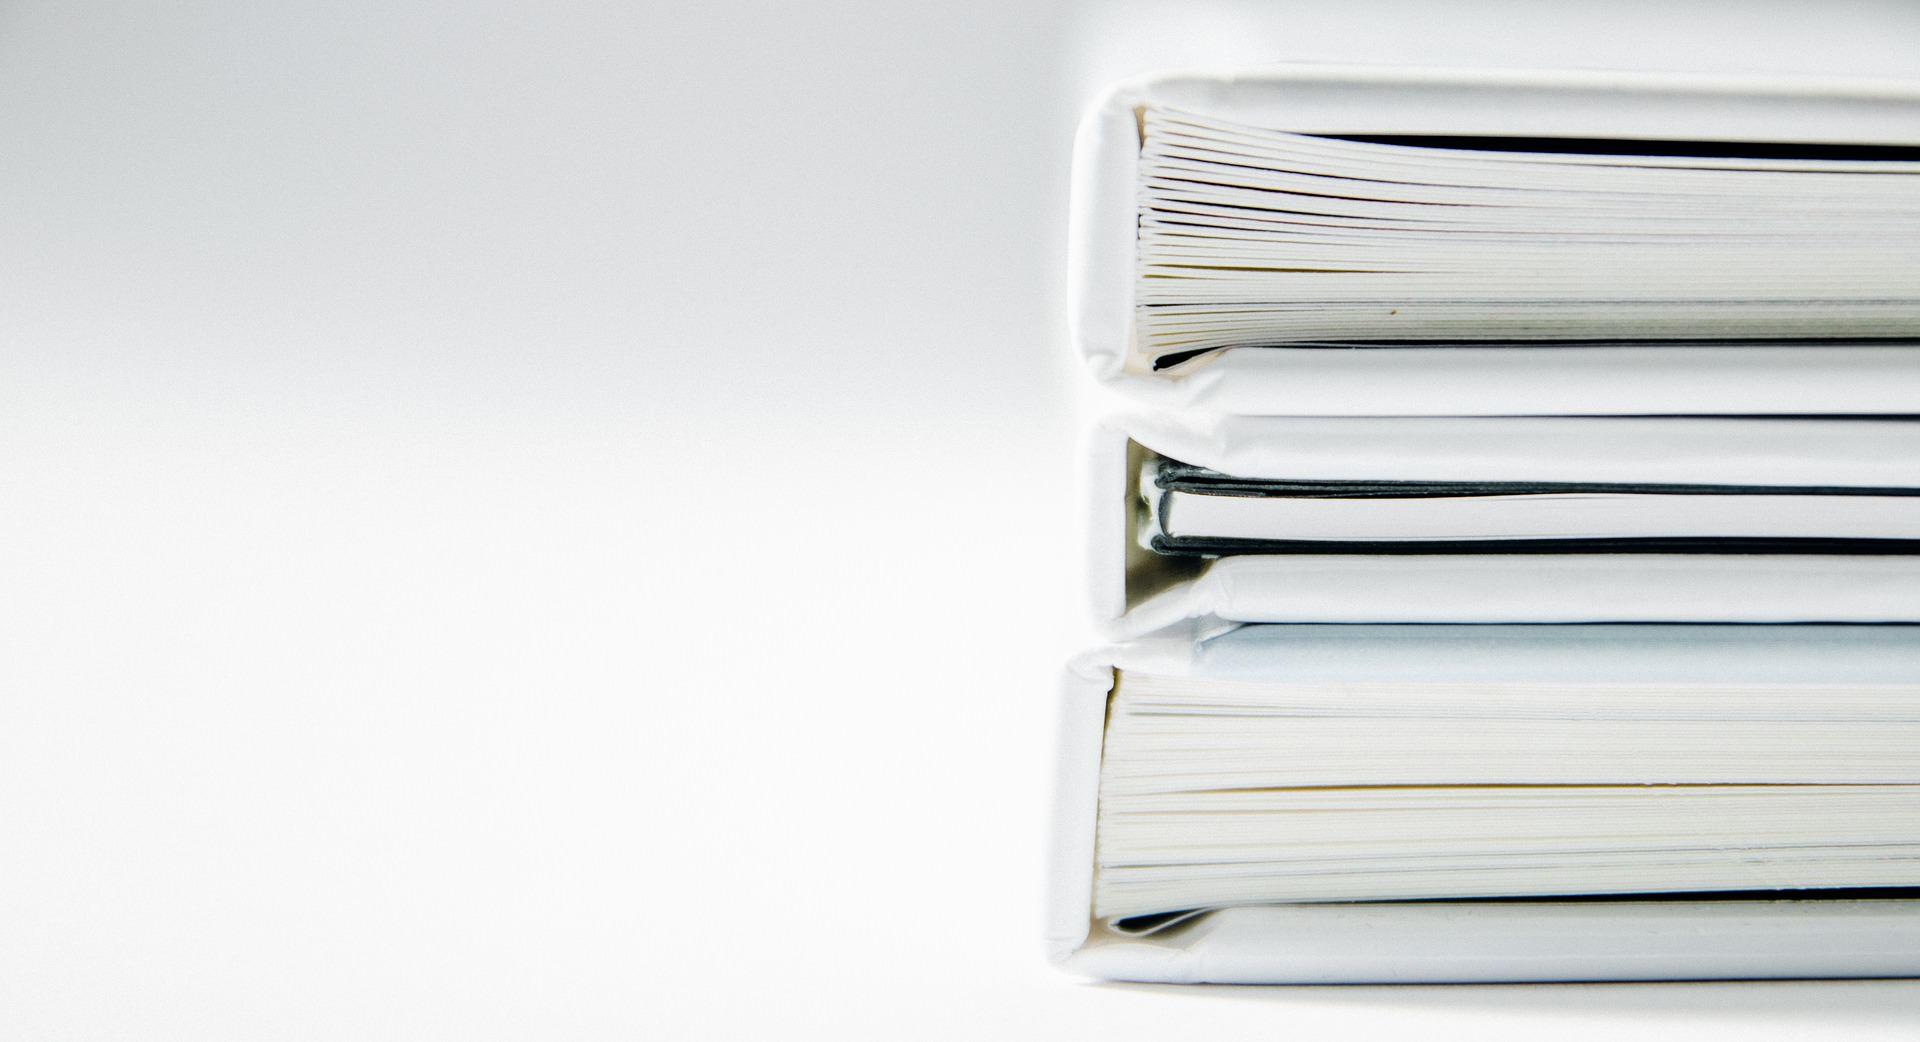 Neuer Katalog erstellen lassen Werbung in Freiburg, Emmendingen, Villingen, Schwenningen und Waldkirch